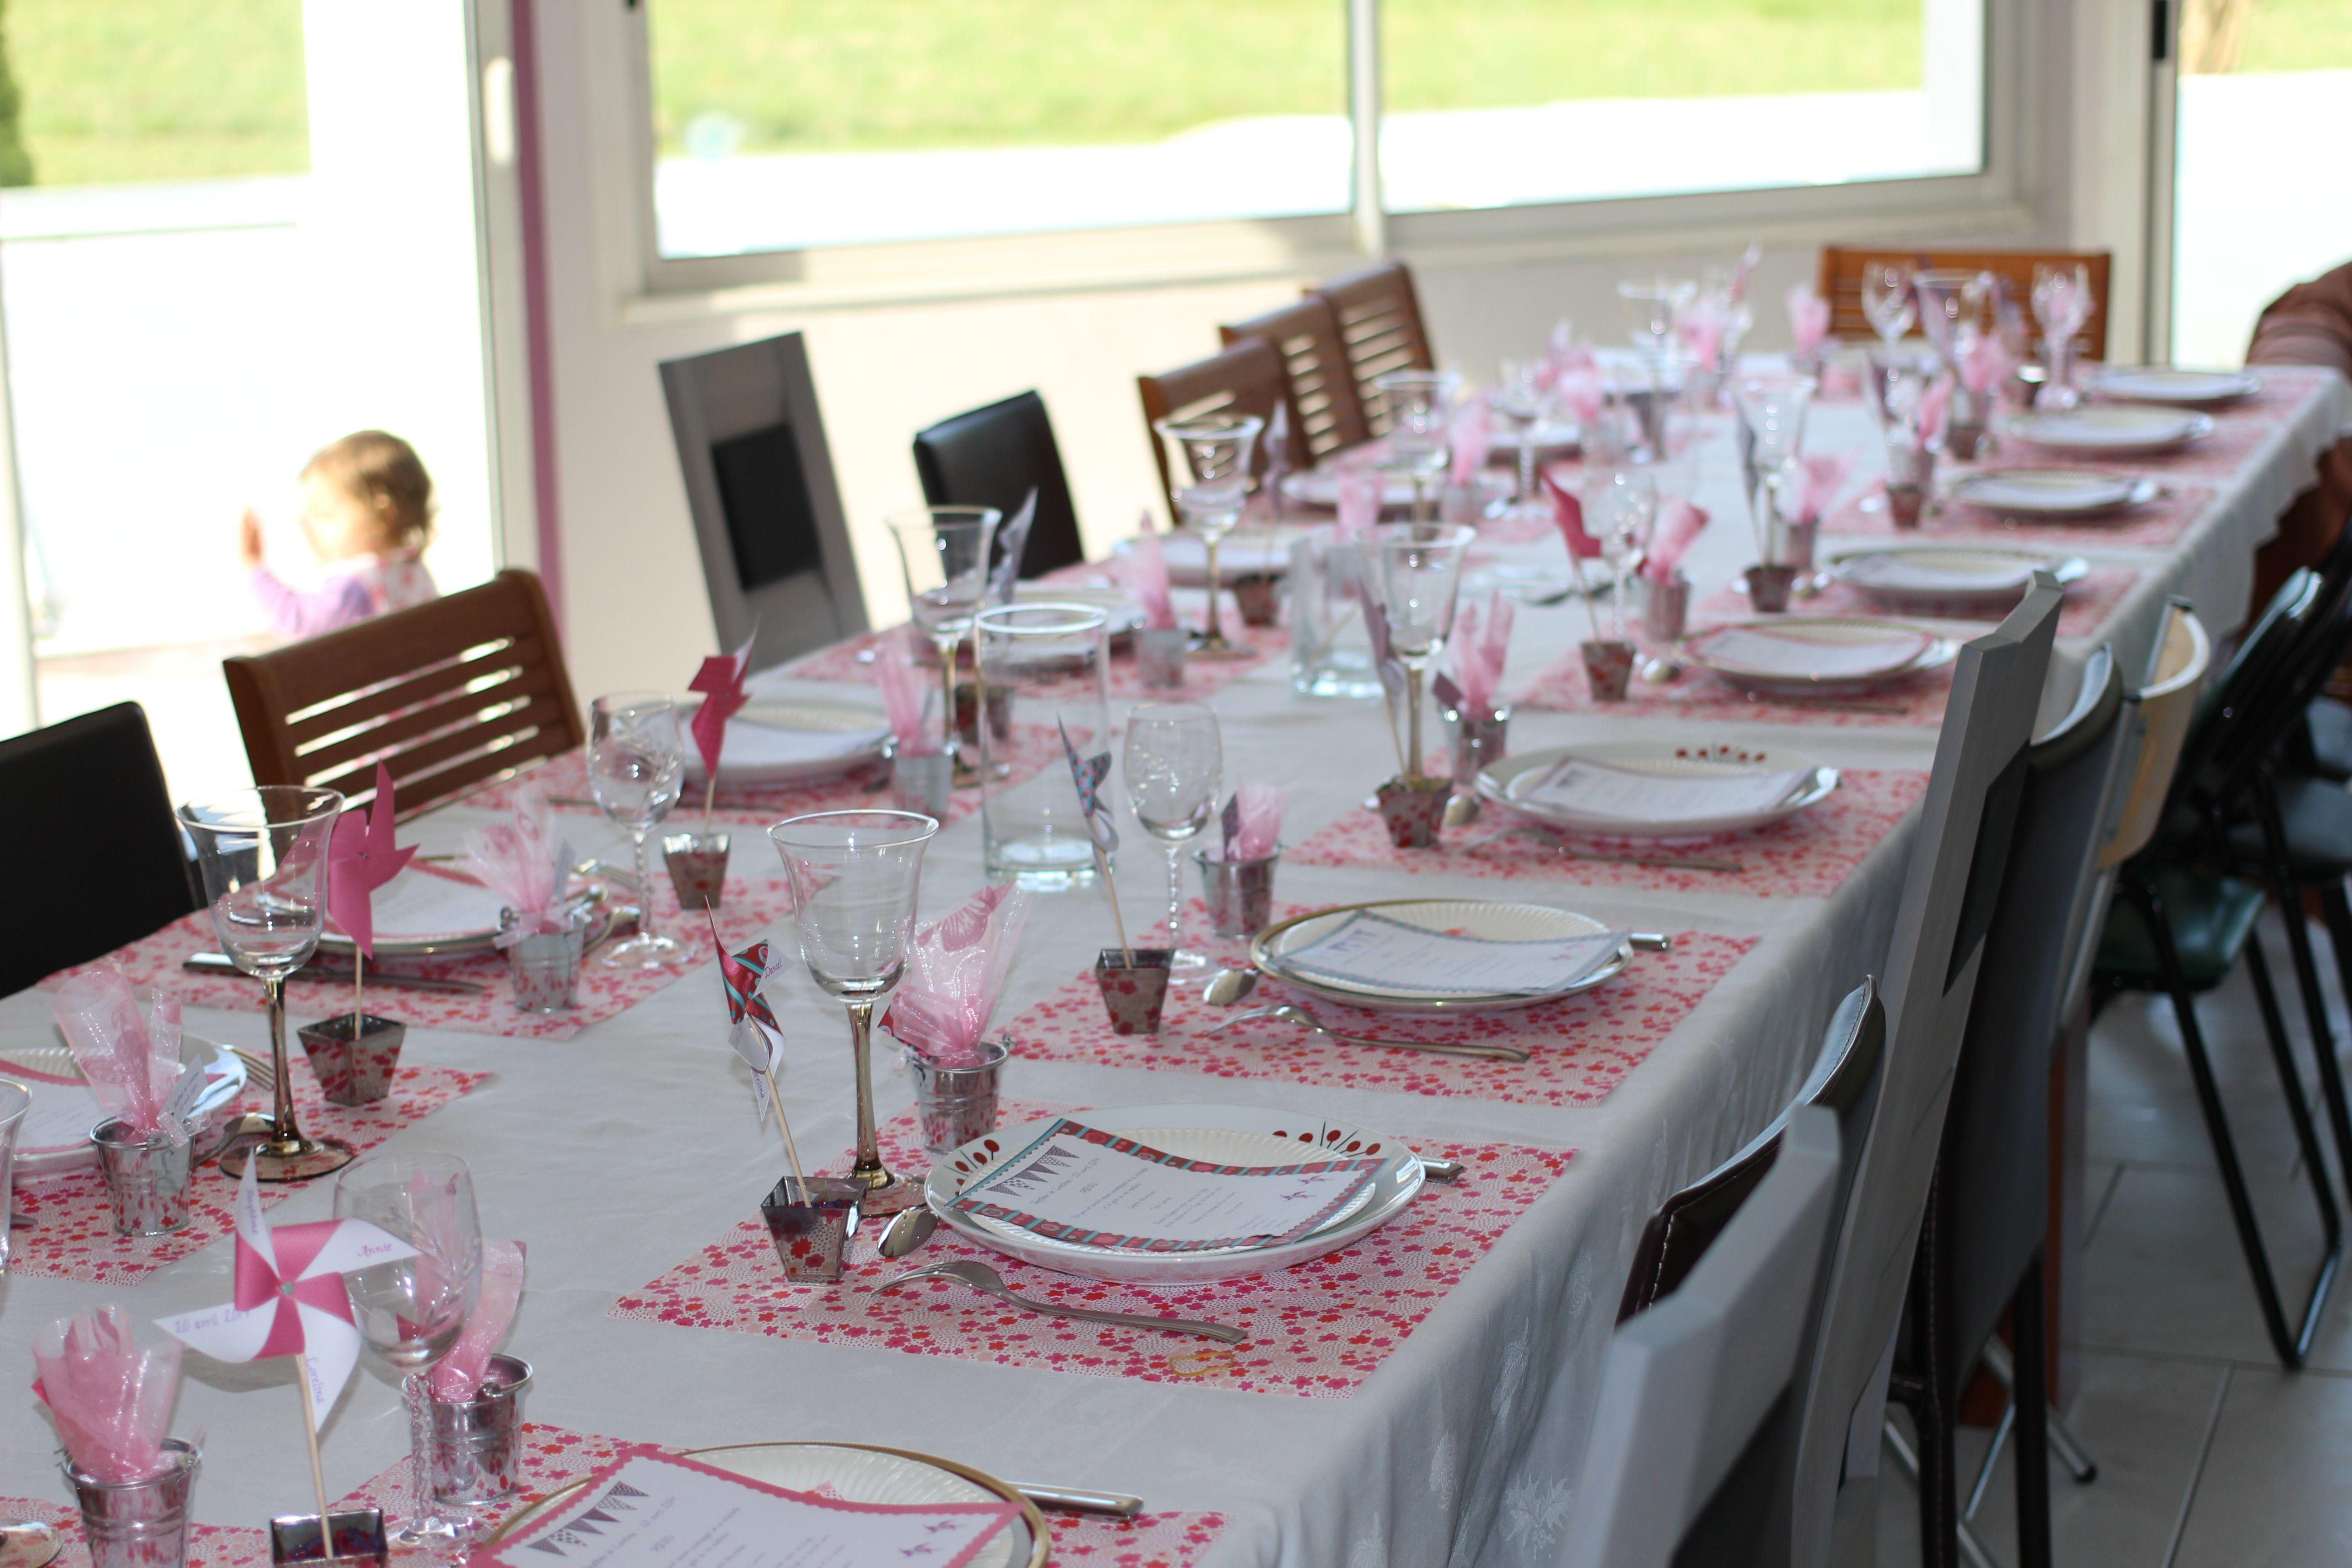 bapt me lorelina moulins vent by me d co fleurs hema mes jolies tables anniversaire. Black Bedroom Furniture Sets. Home Design Ideas